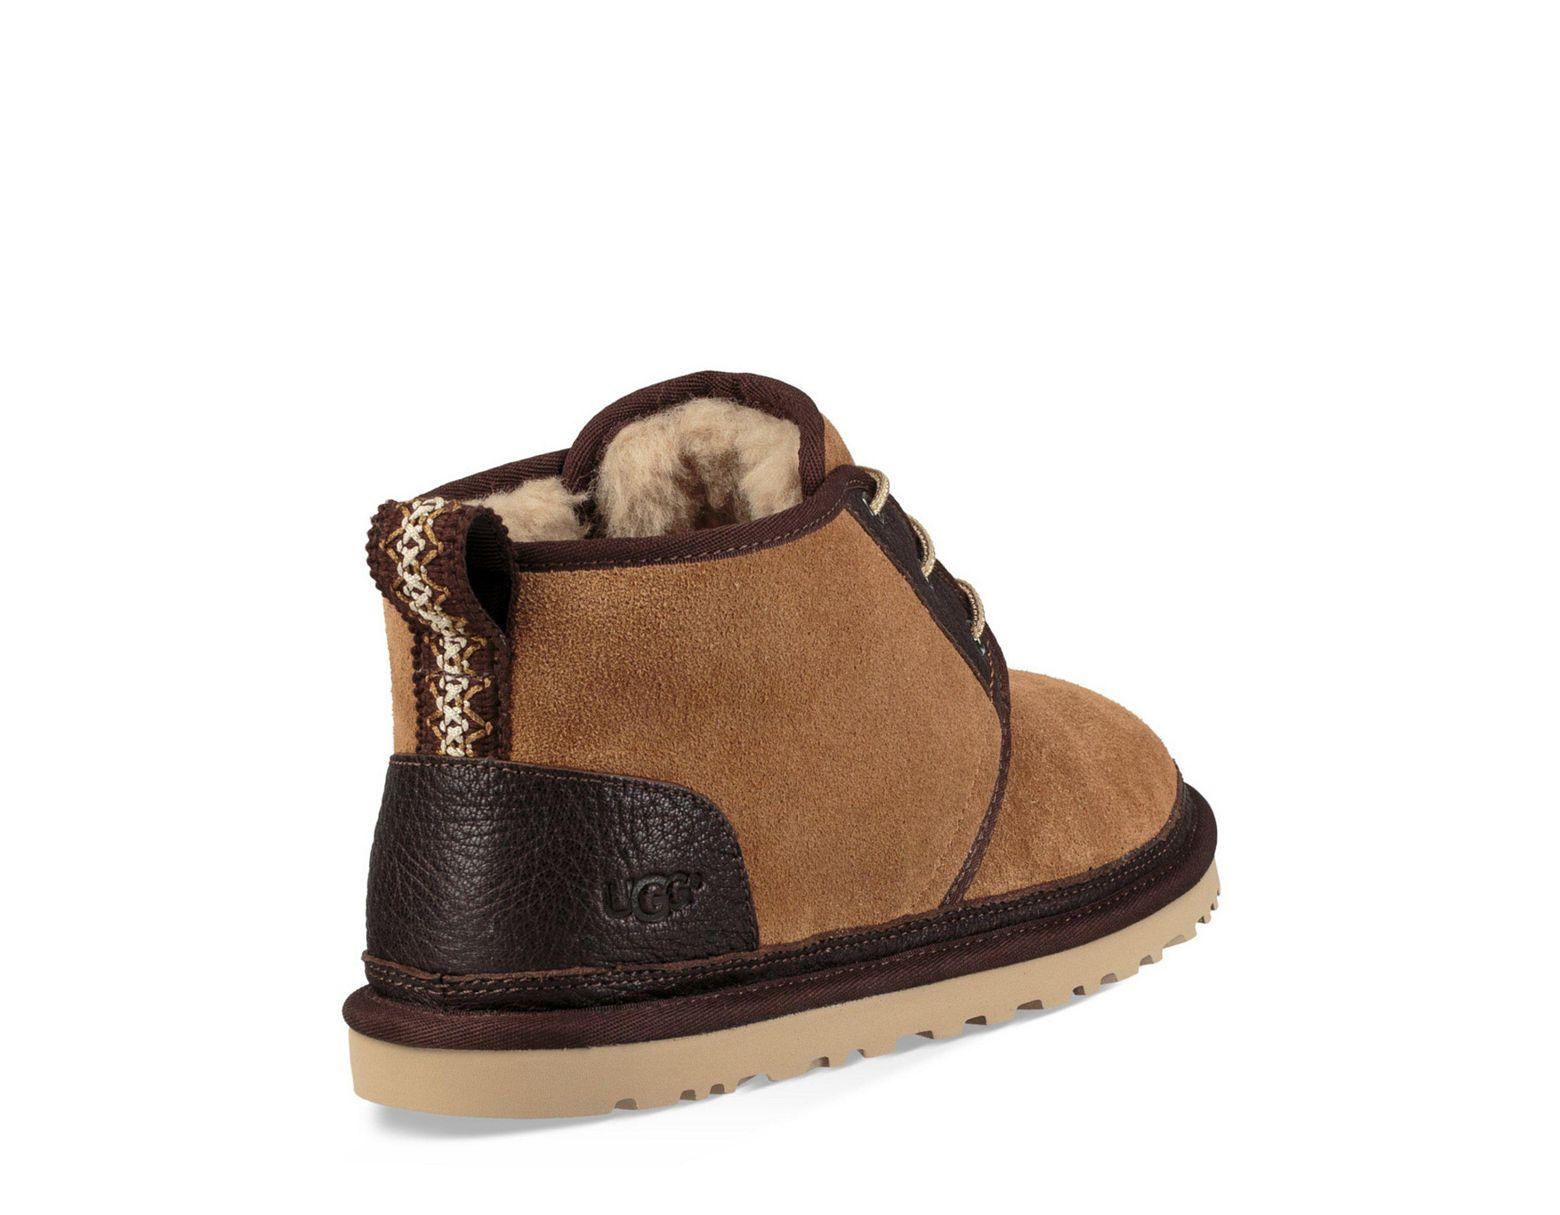 46a52c8c8e8 Brown Men's Neumel Suede Boot